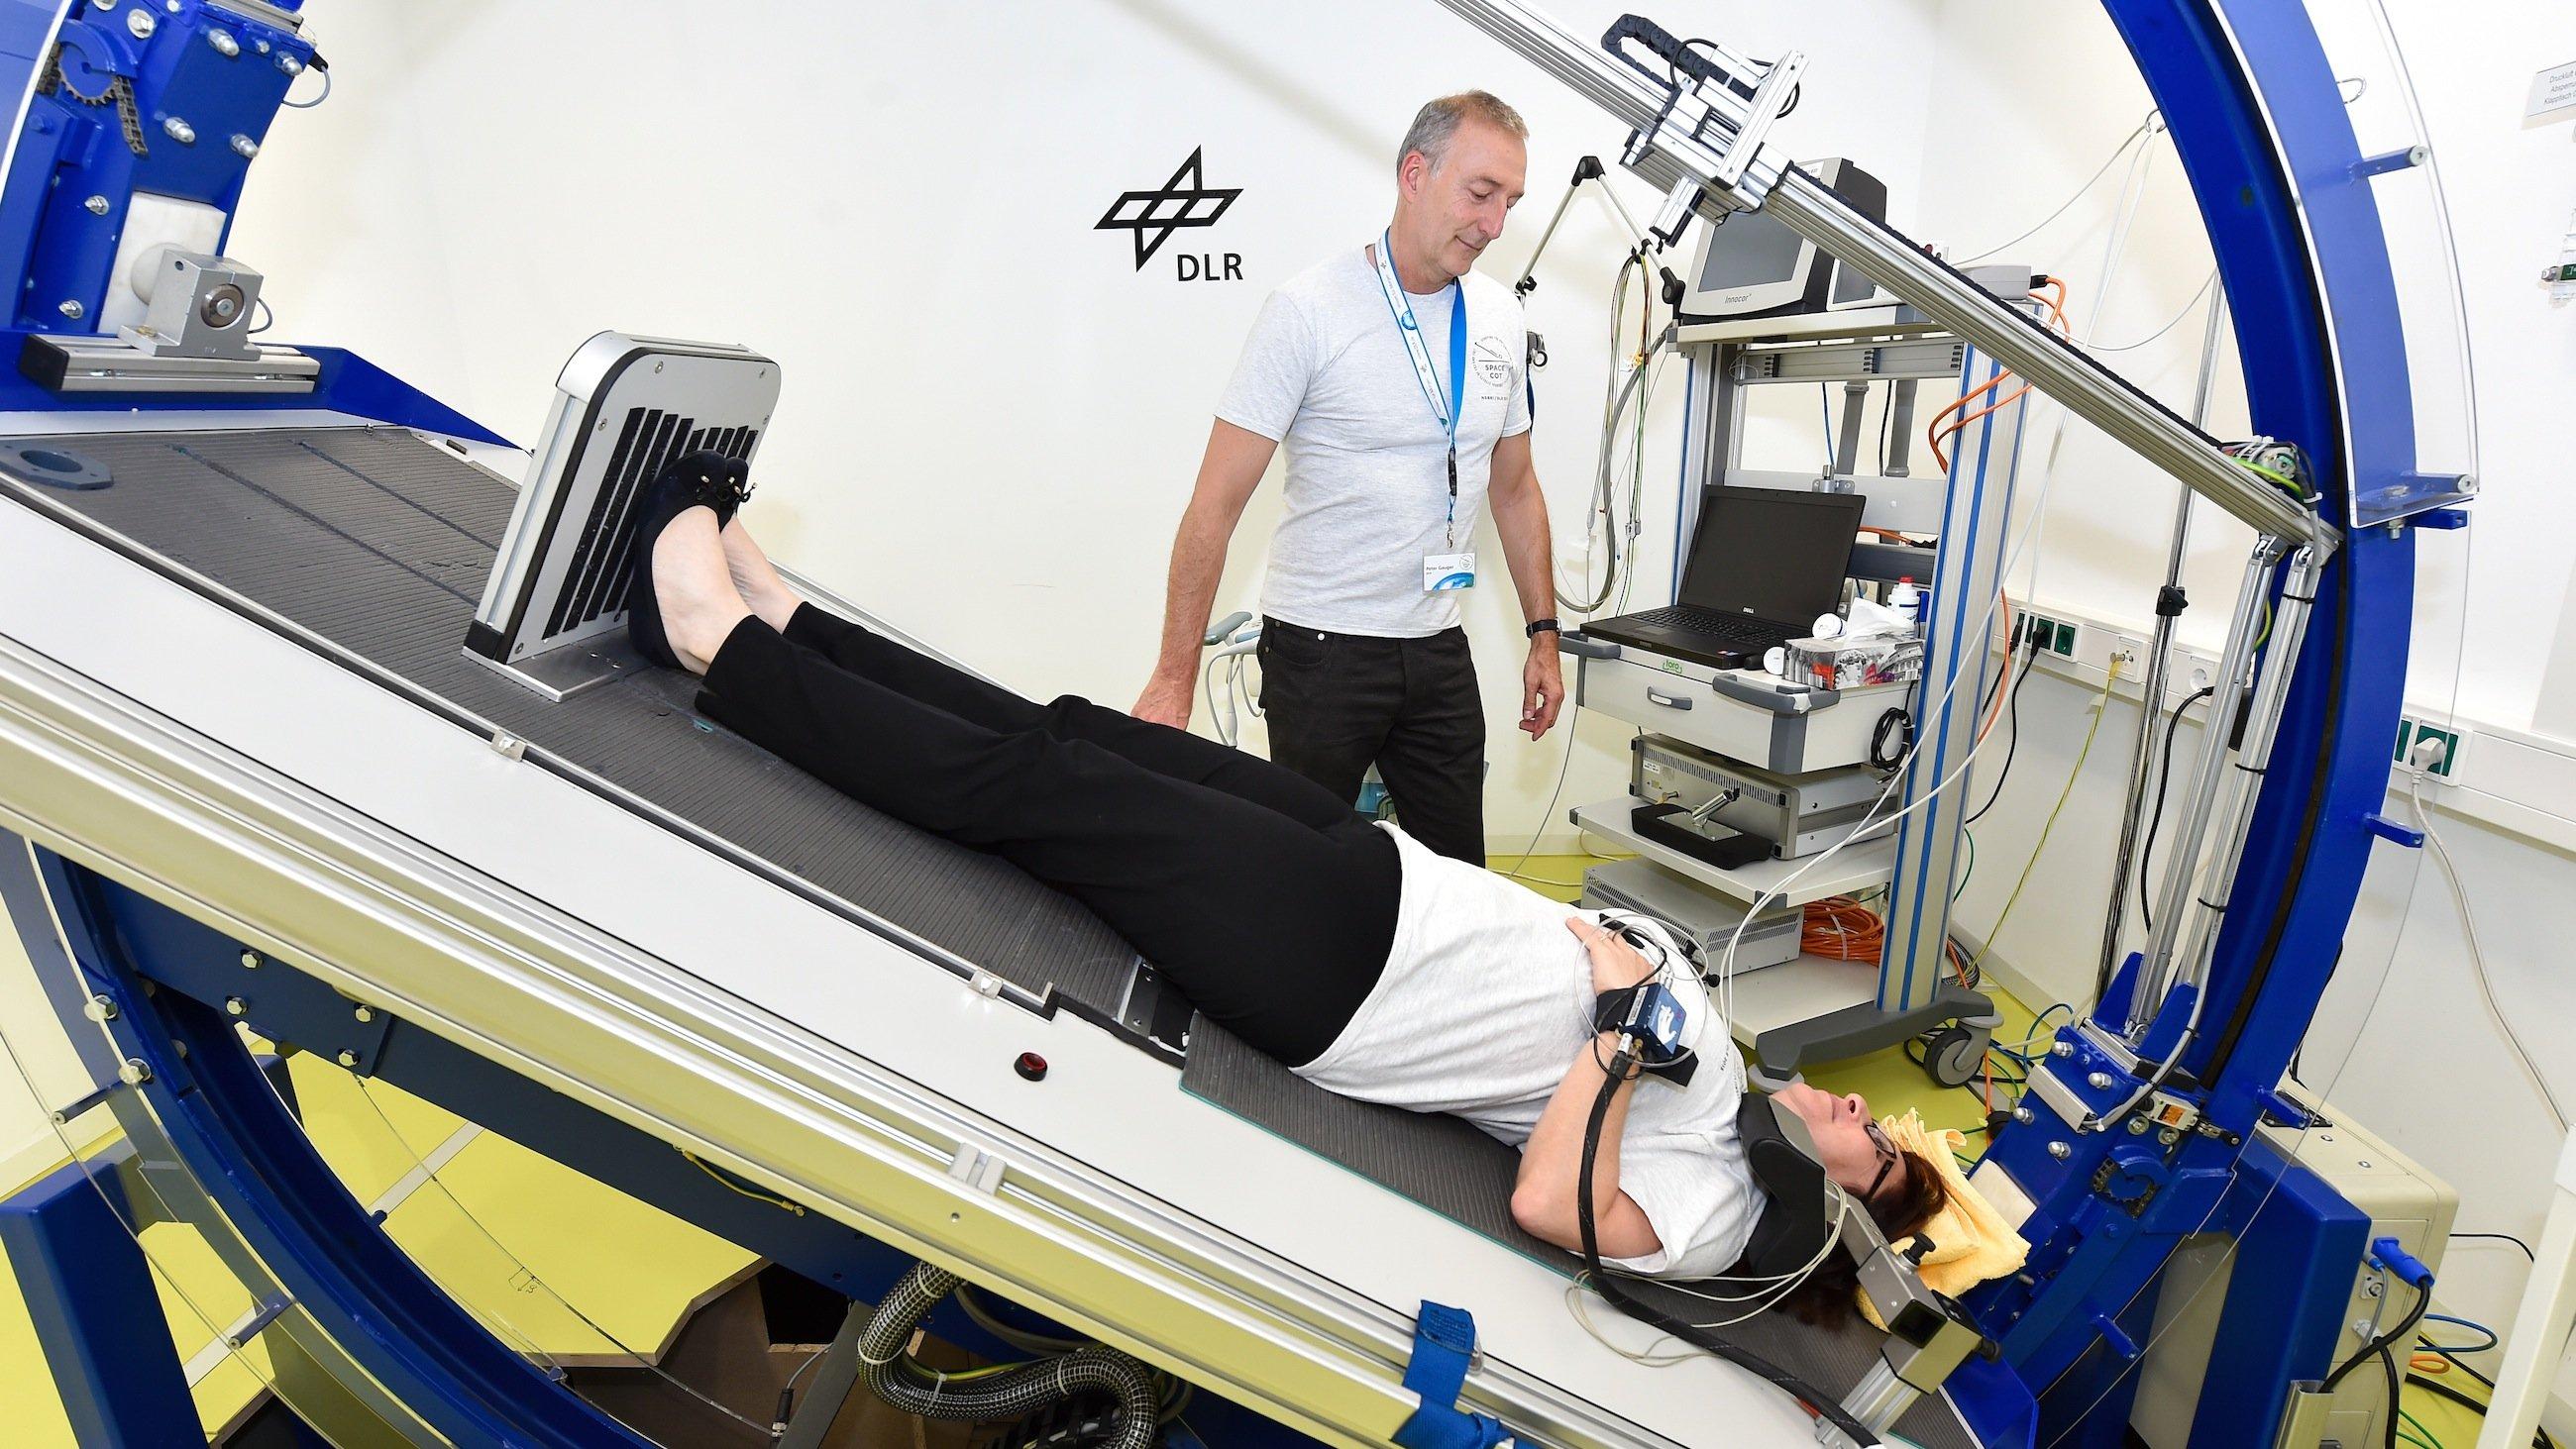 Kopf nach unten: Wissenschaftler des Deutschen Zentrums für Luft- und Raumfahrt legen Testpersonen auf einen Kipptisch, damit das Blut in den Kopf läuft. So wollen die Auswirkungen auf das Sehvermögen untersuchen.